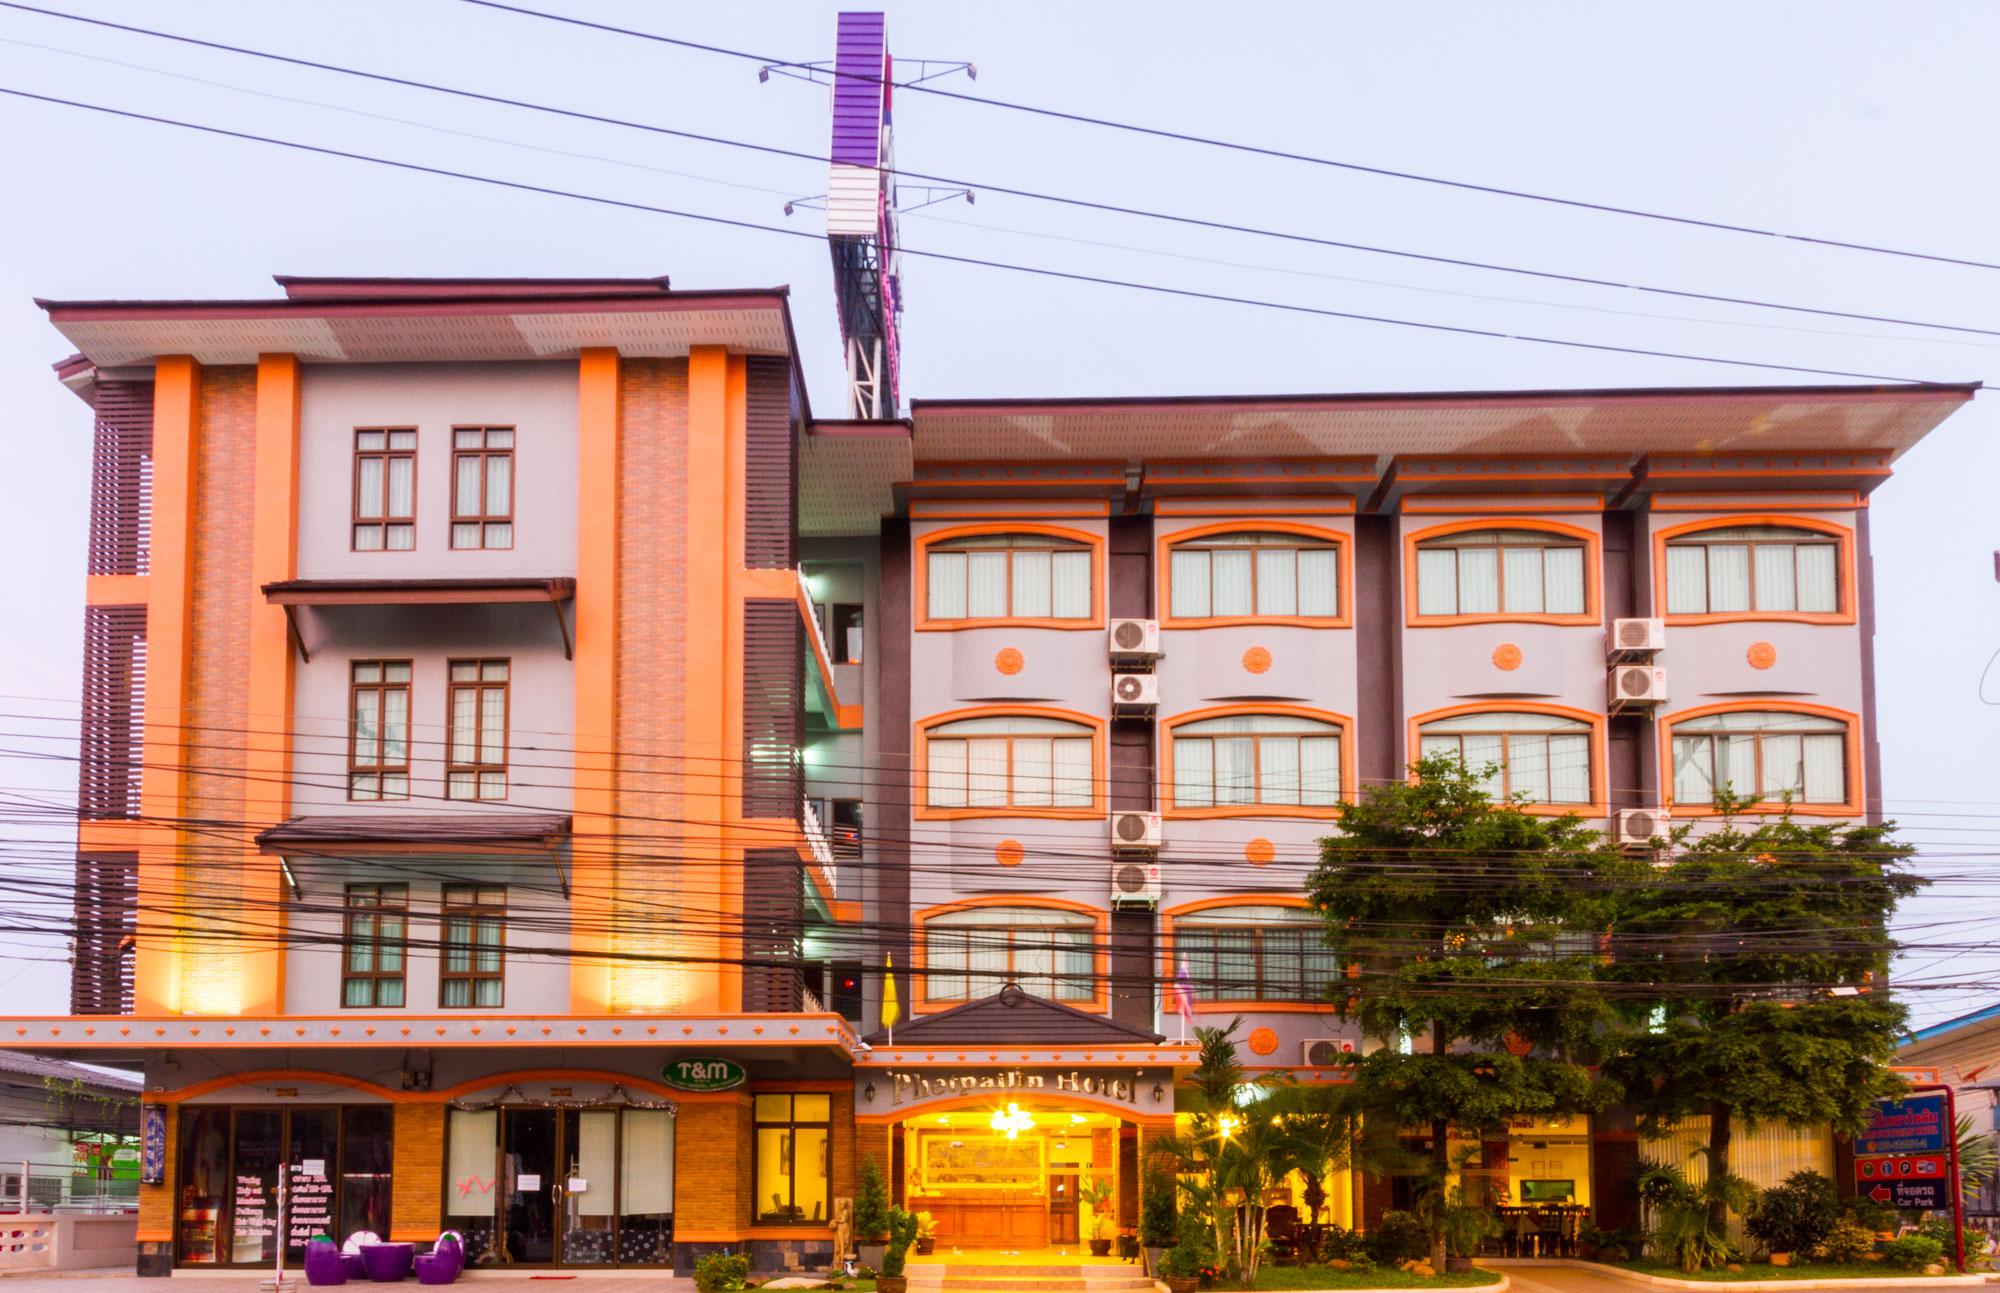 โรงแรมกระบี่เพชรไพลิน เมืองกระบี่  โรงแรมกระบี่เพชรไพลิน โฮเทล (Krabi Phetpailin Hotel) Halal IMG 0019